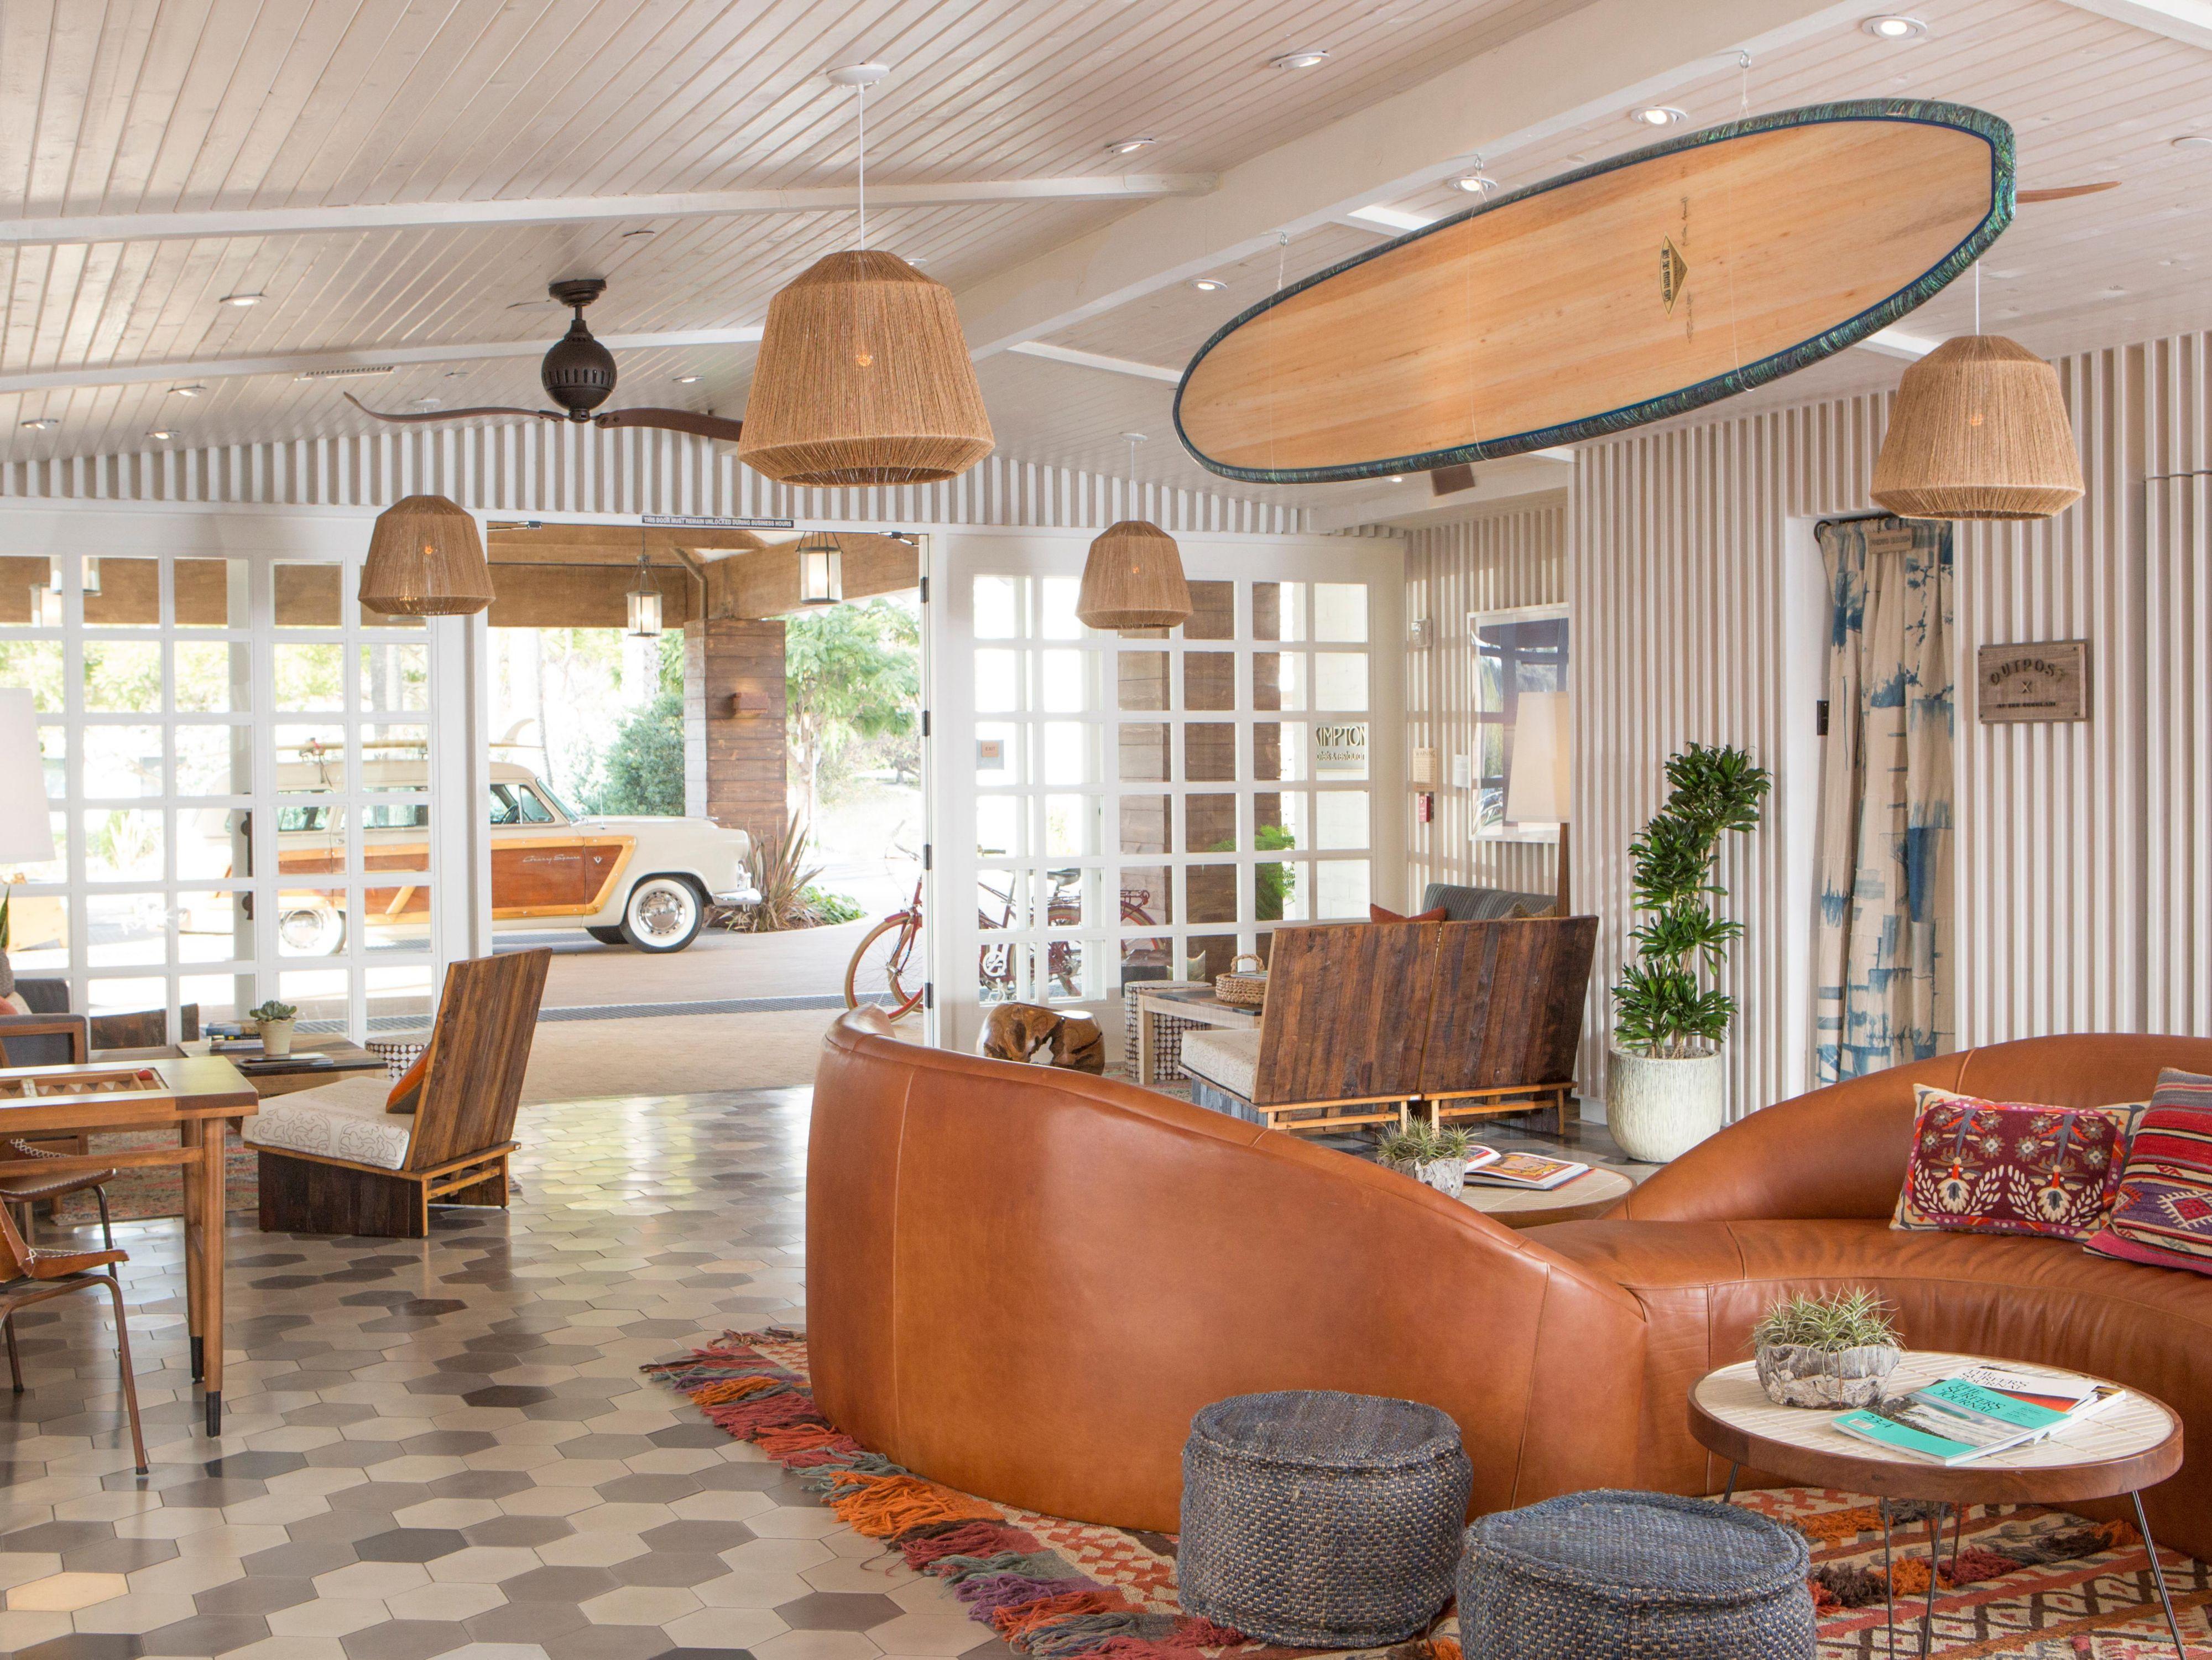 Kimpton goodland in santa barbara kimpton hotels for Kimpton hotels